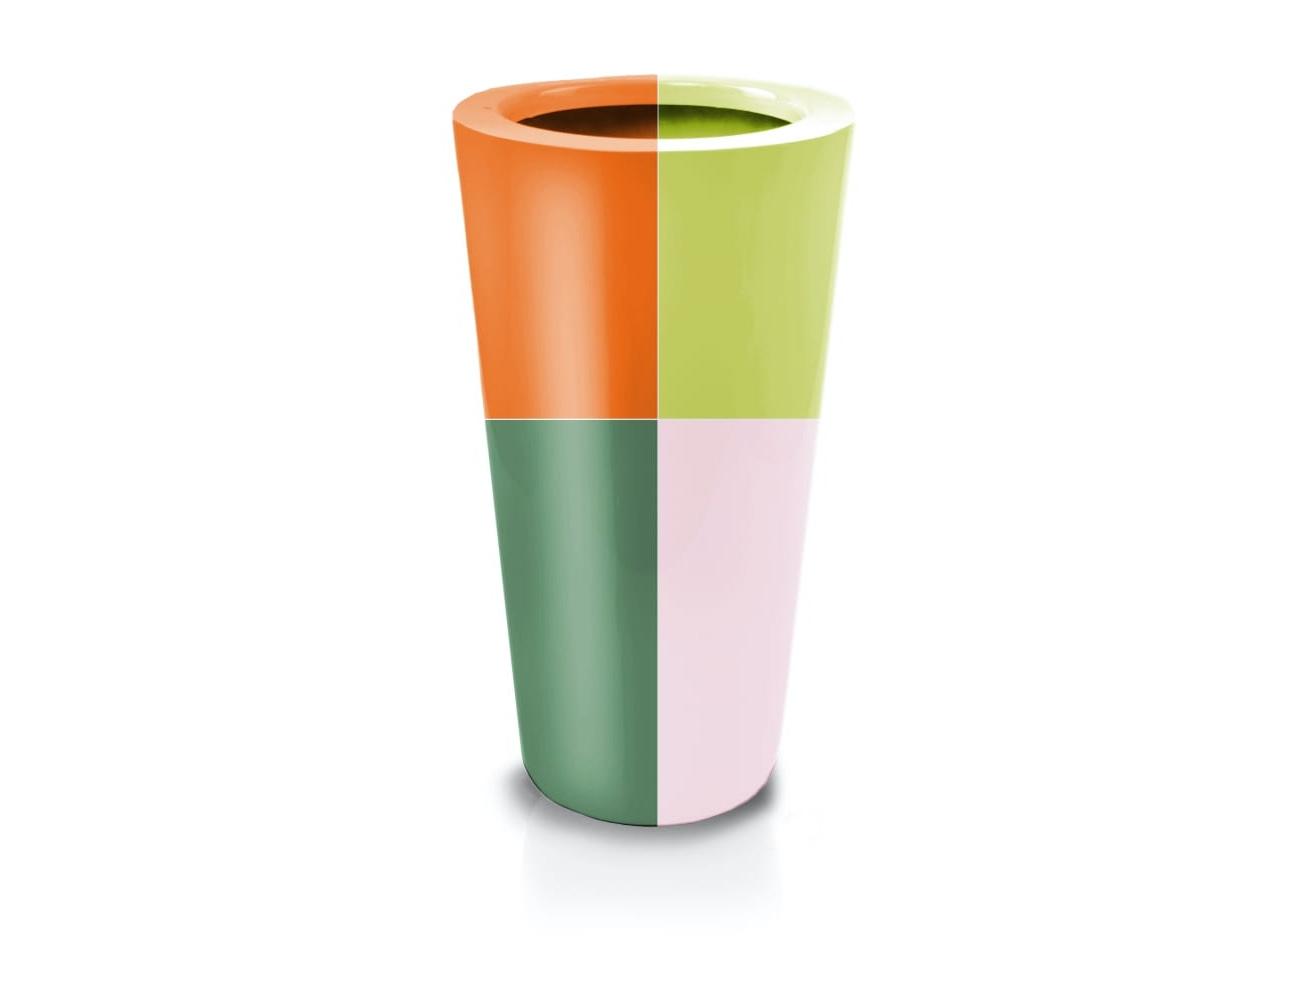 Donica Fiberglass Cone 72x38 cm kolor na zamówienie